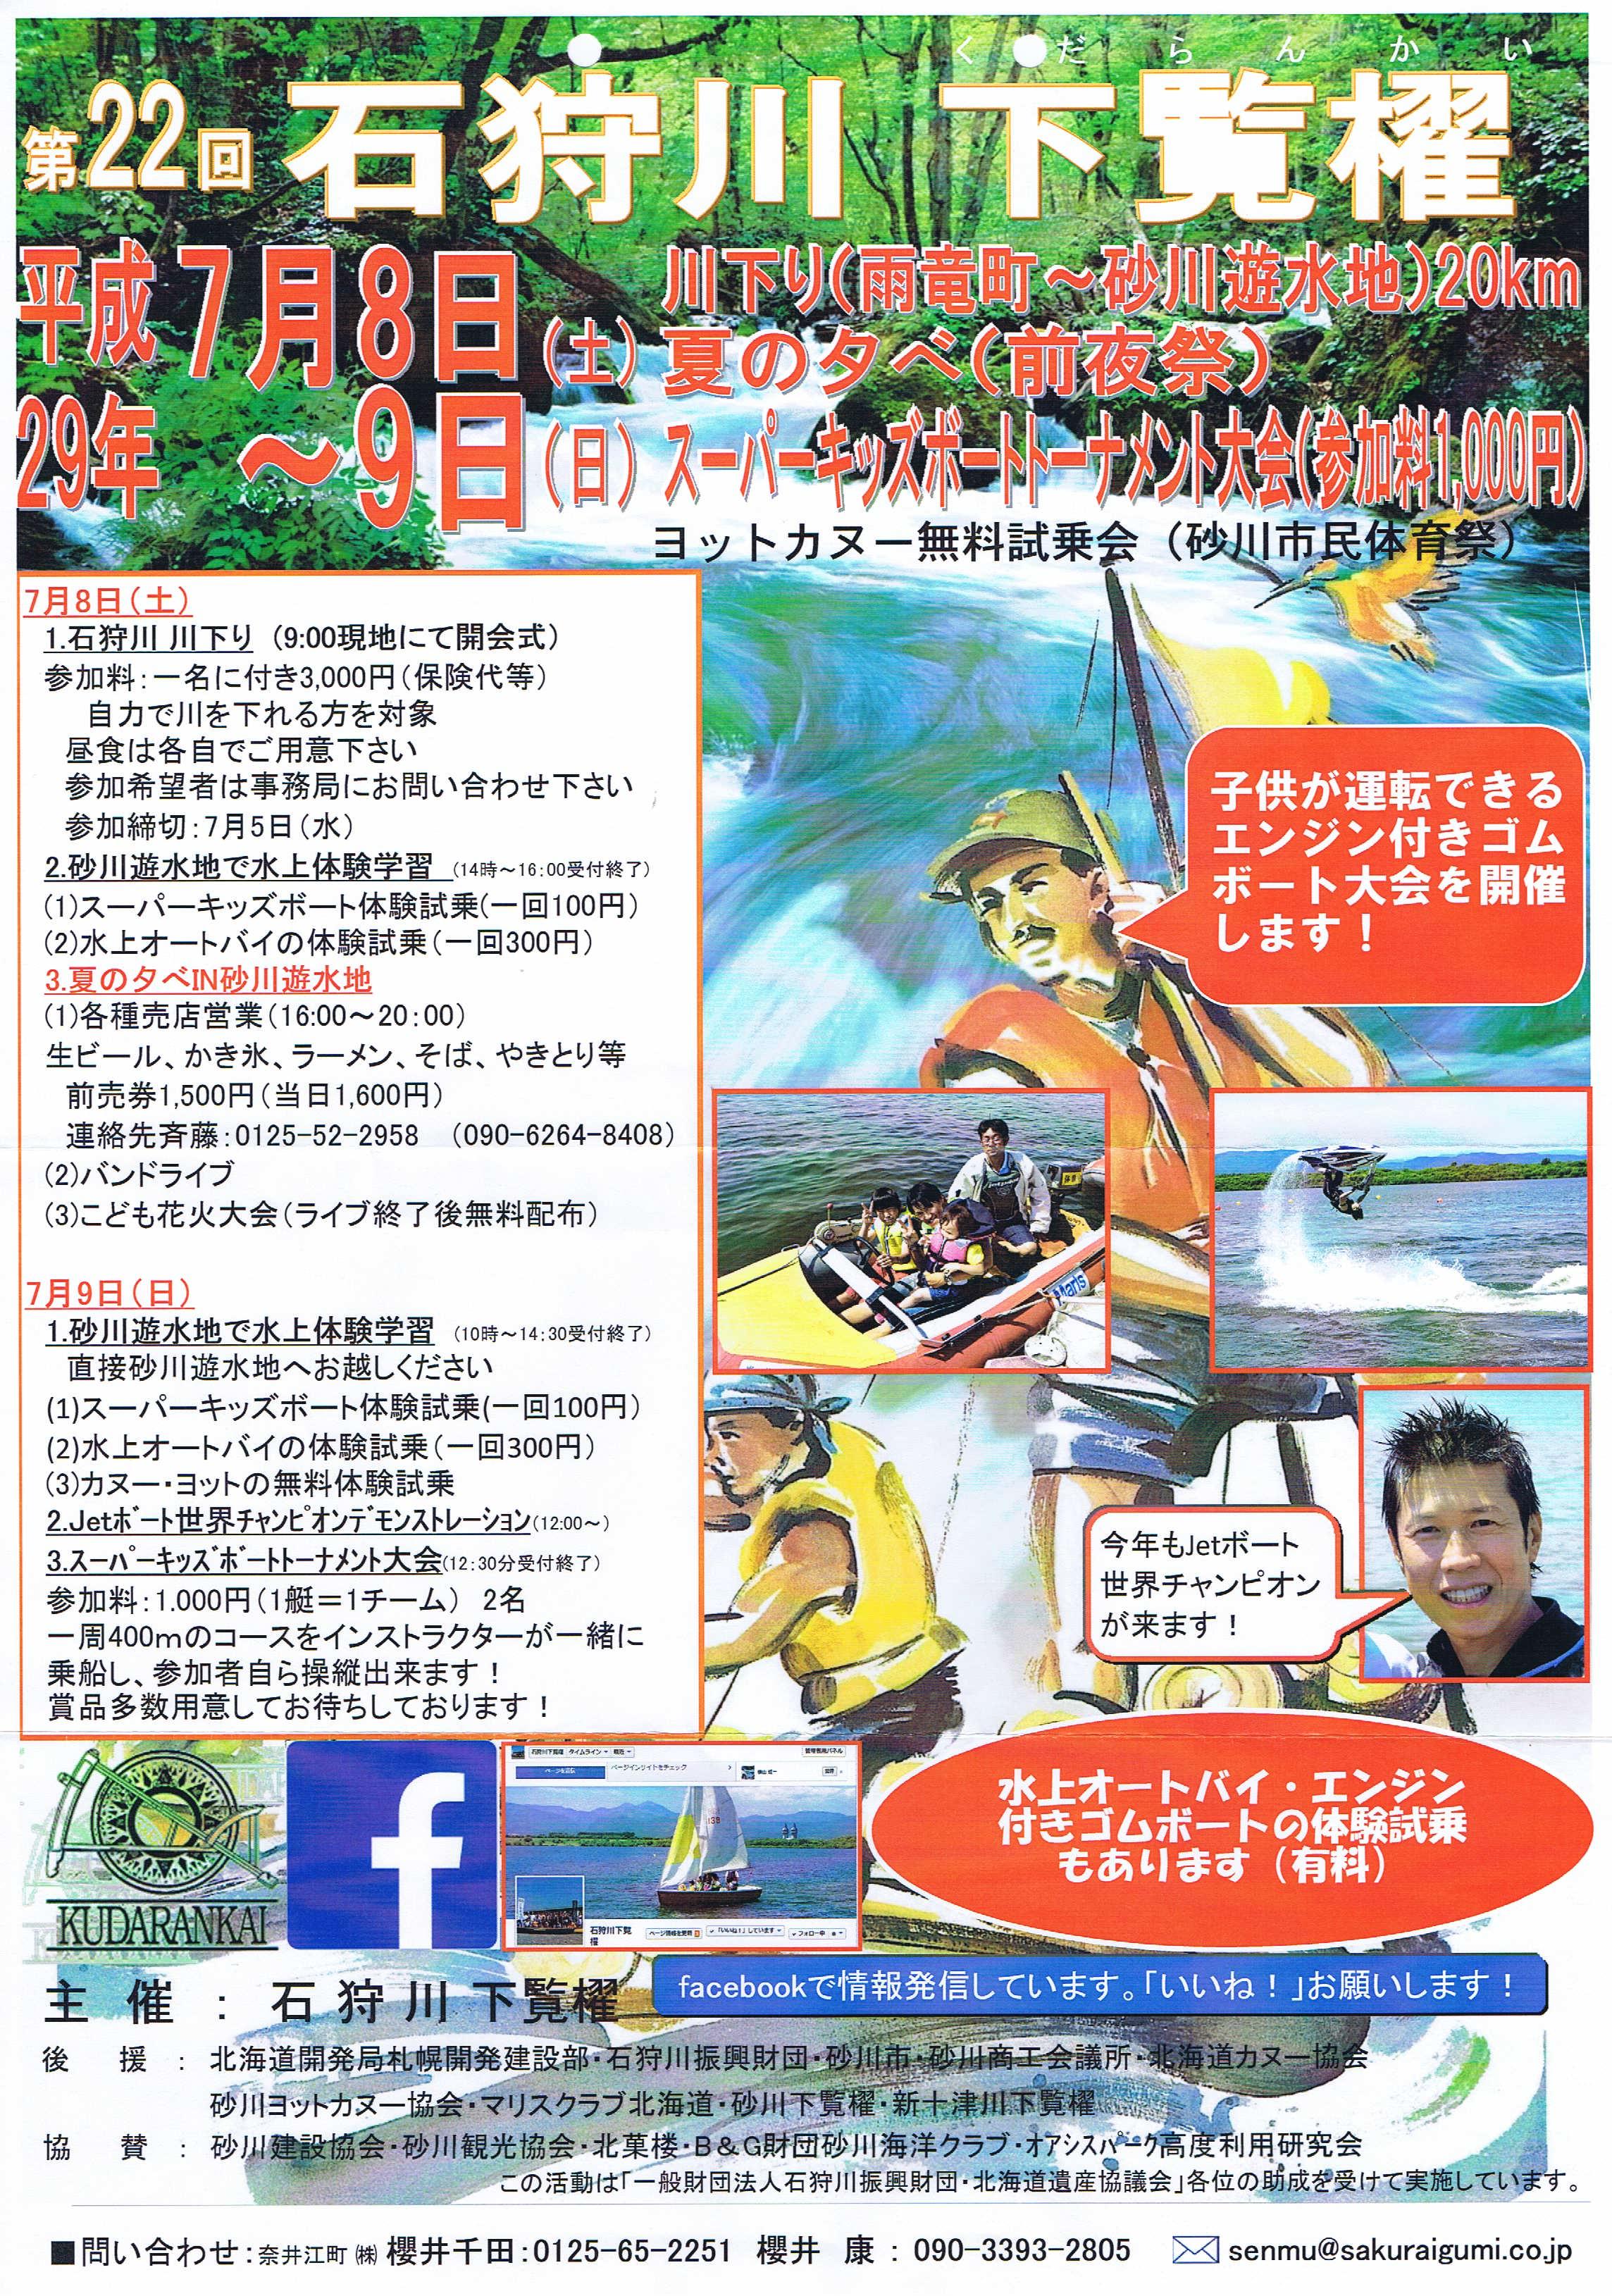 第22回石狩川下覧櫂(2017年)のポスター